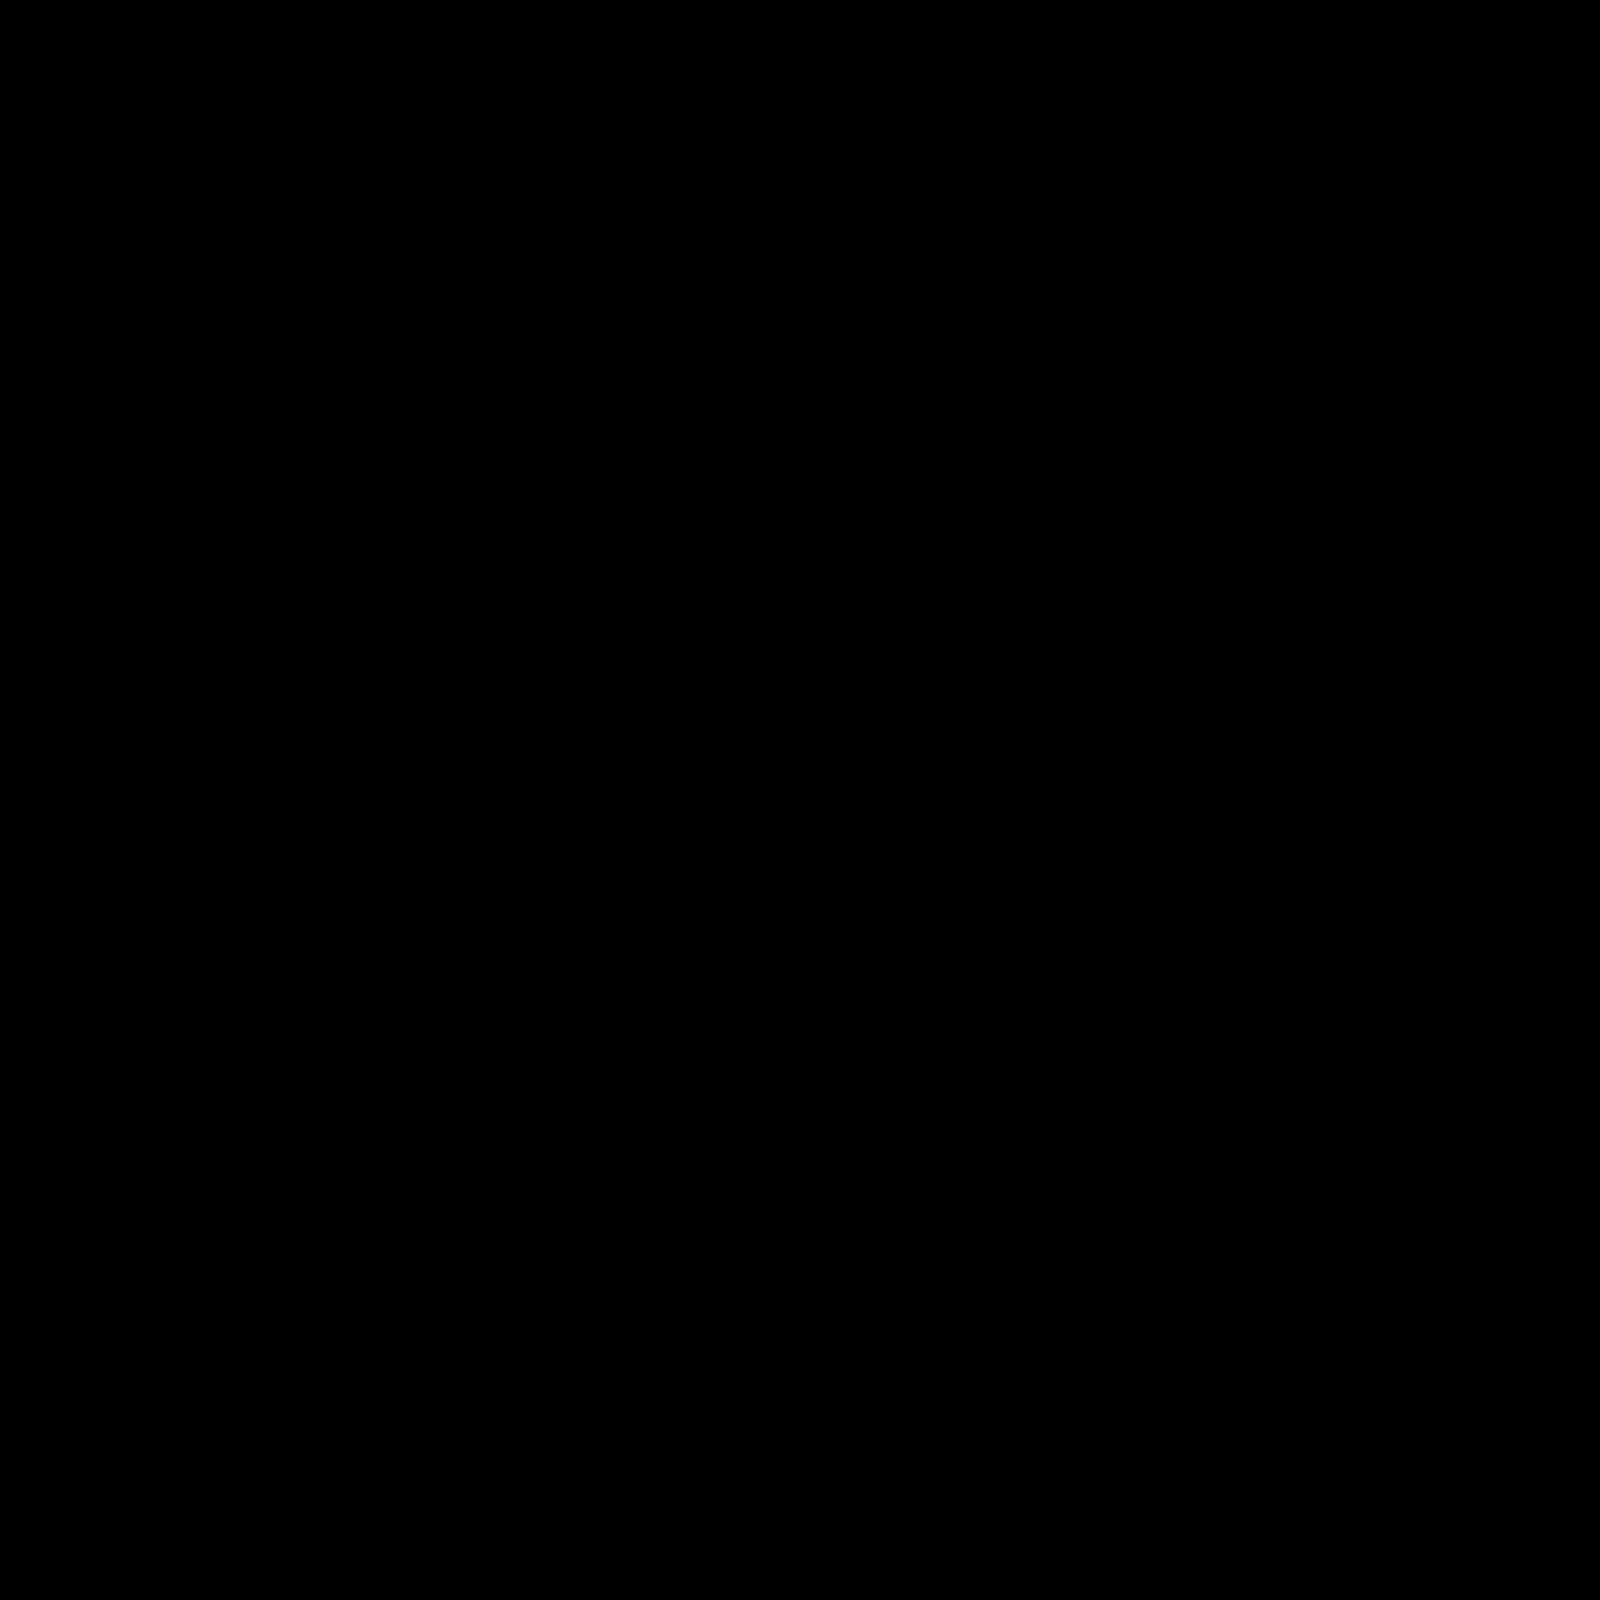 Reproduzir Áudio icon